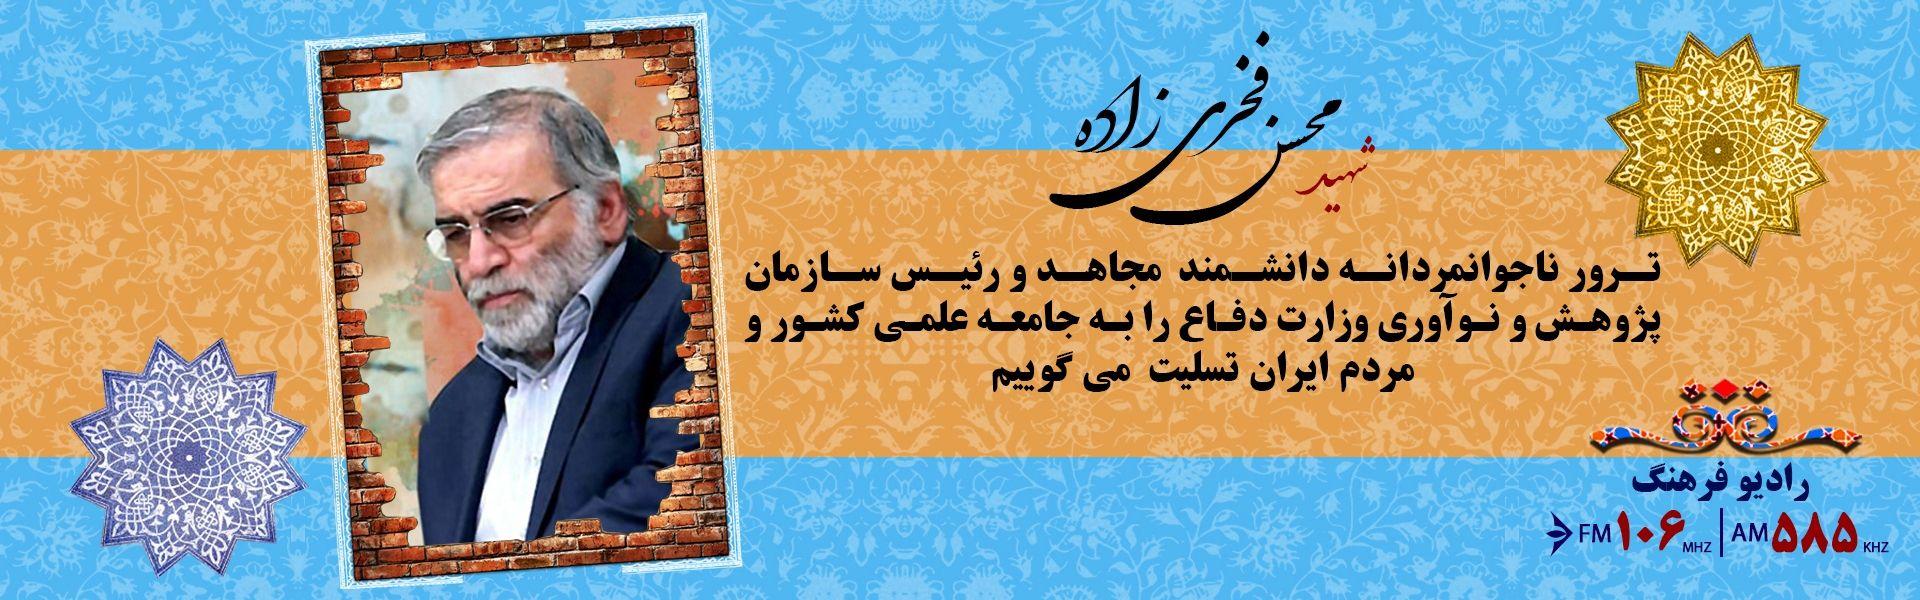 شهادت دکتر محسن فخری زاده، دانشمند مجاهد و برجسته کشور